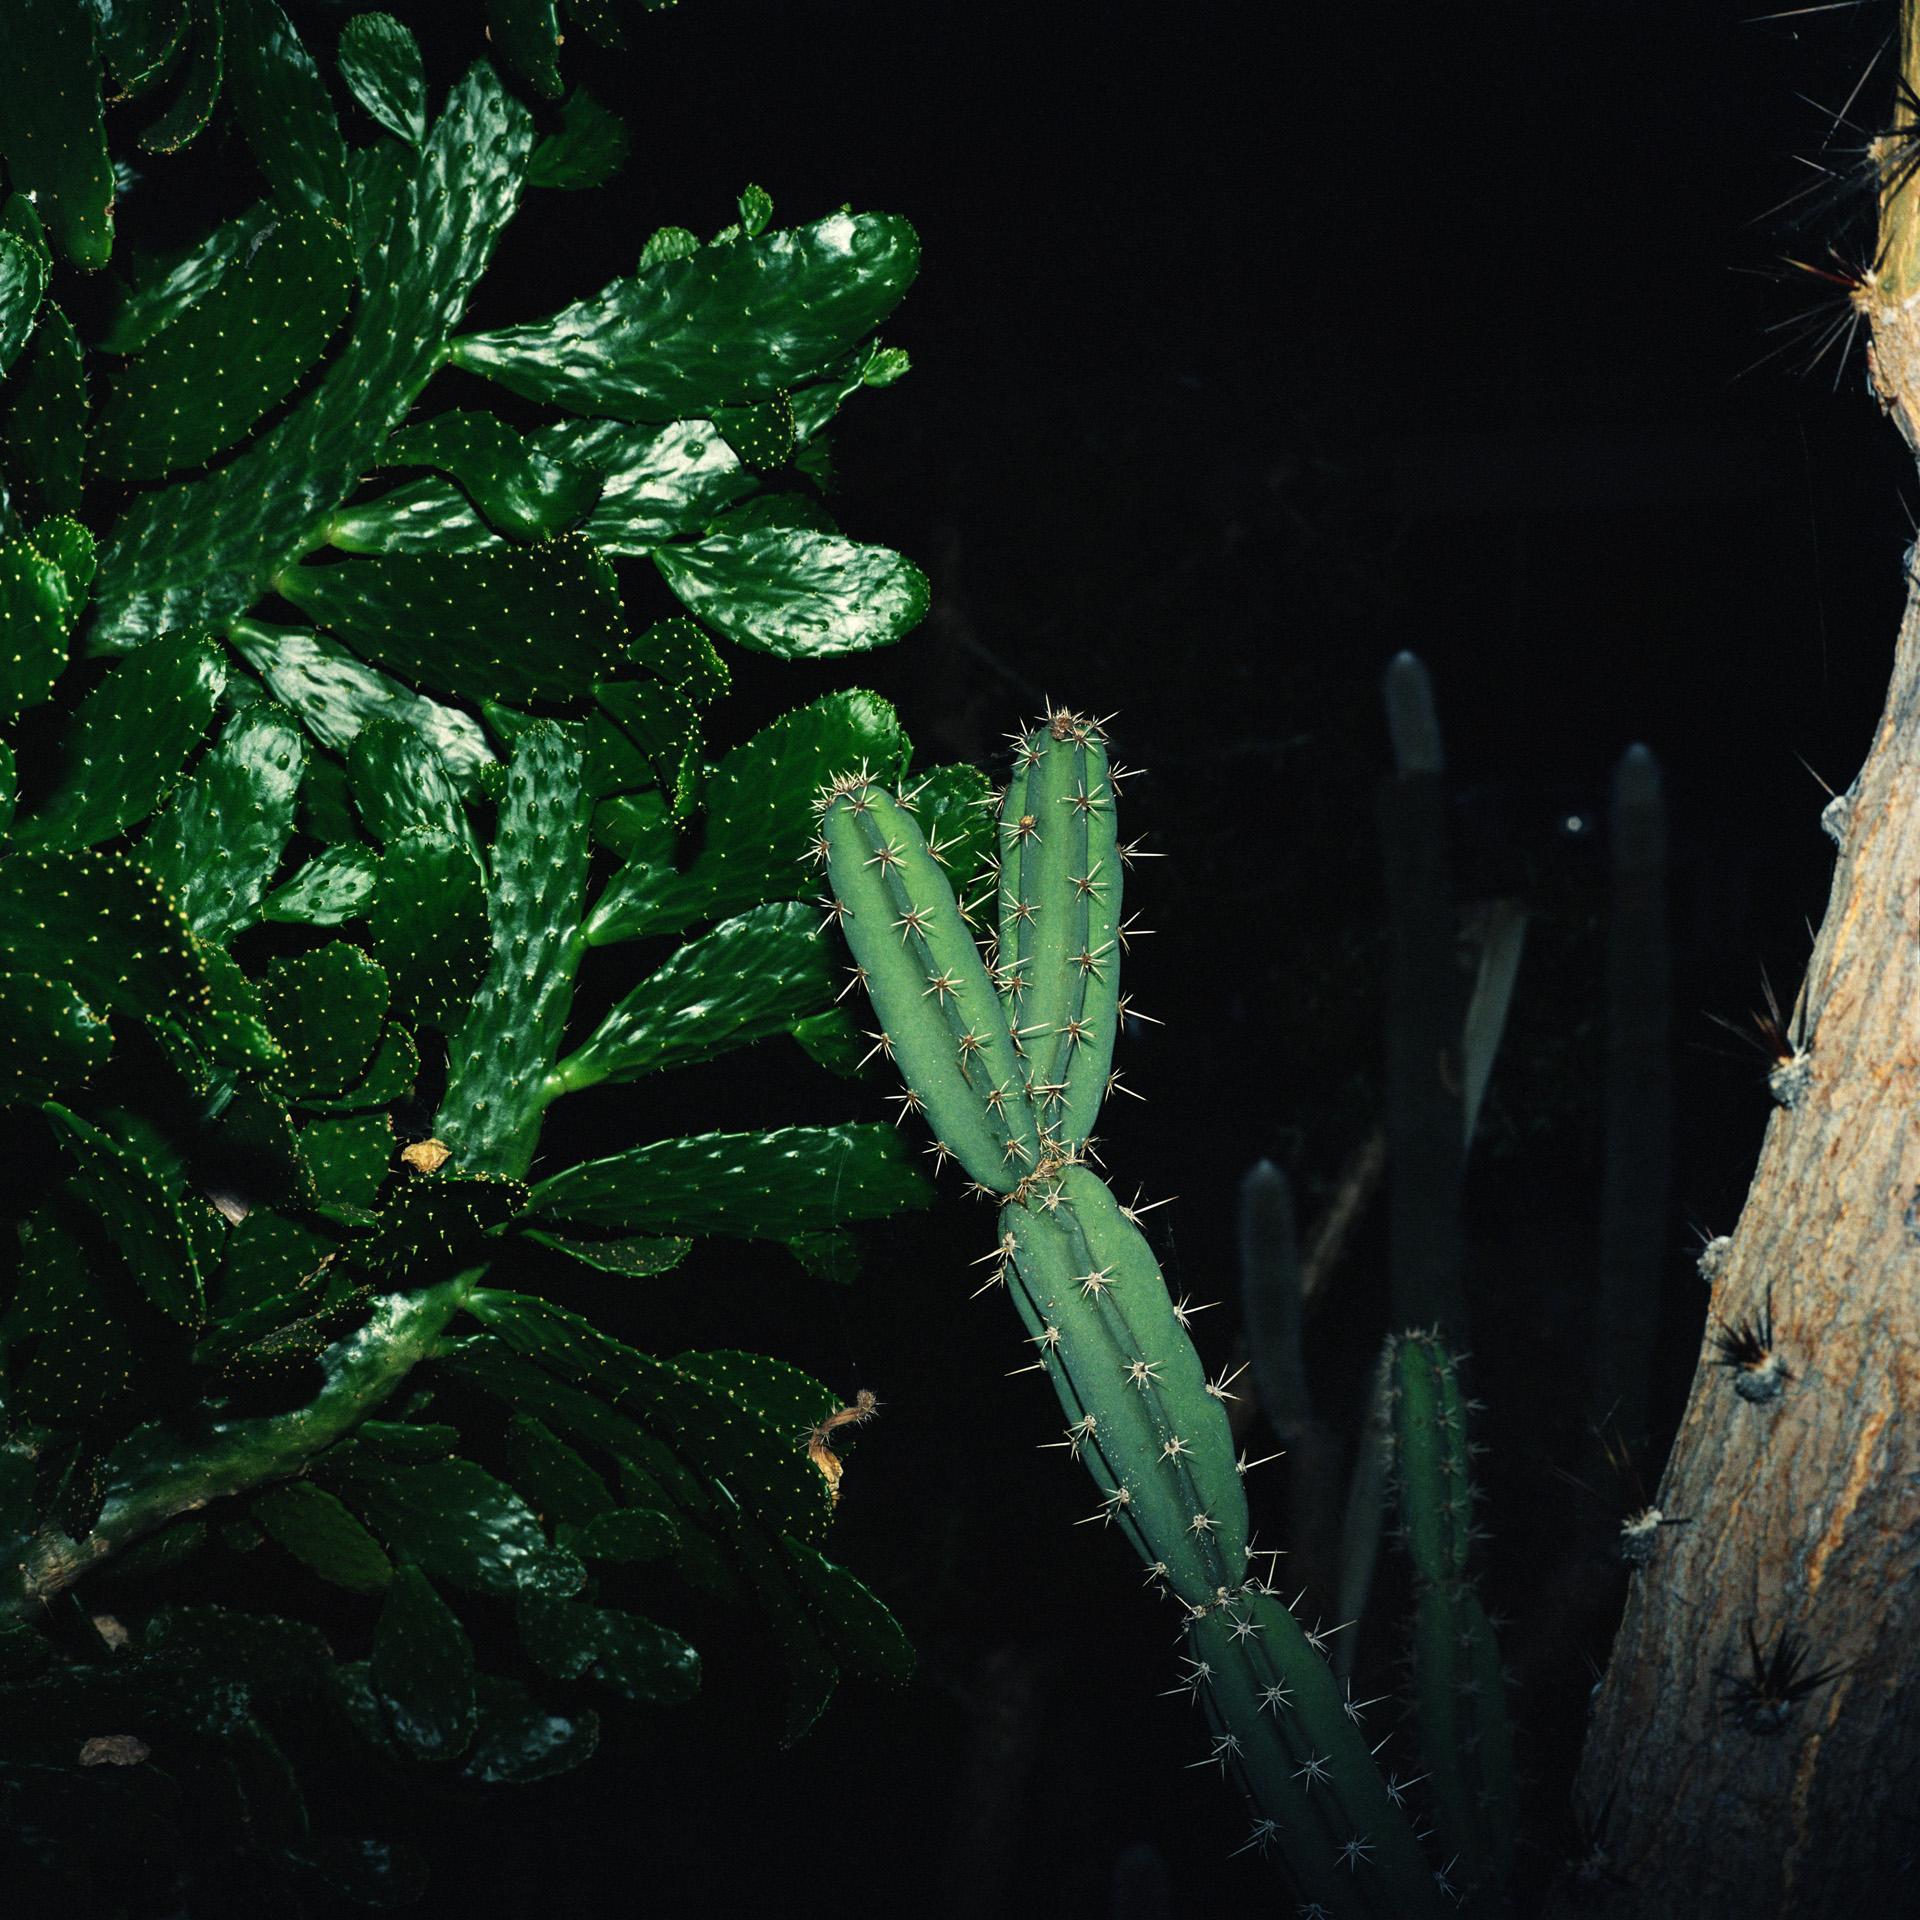 Night Cactus 051